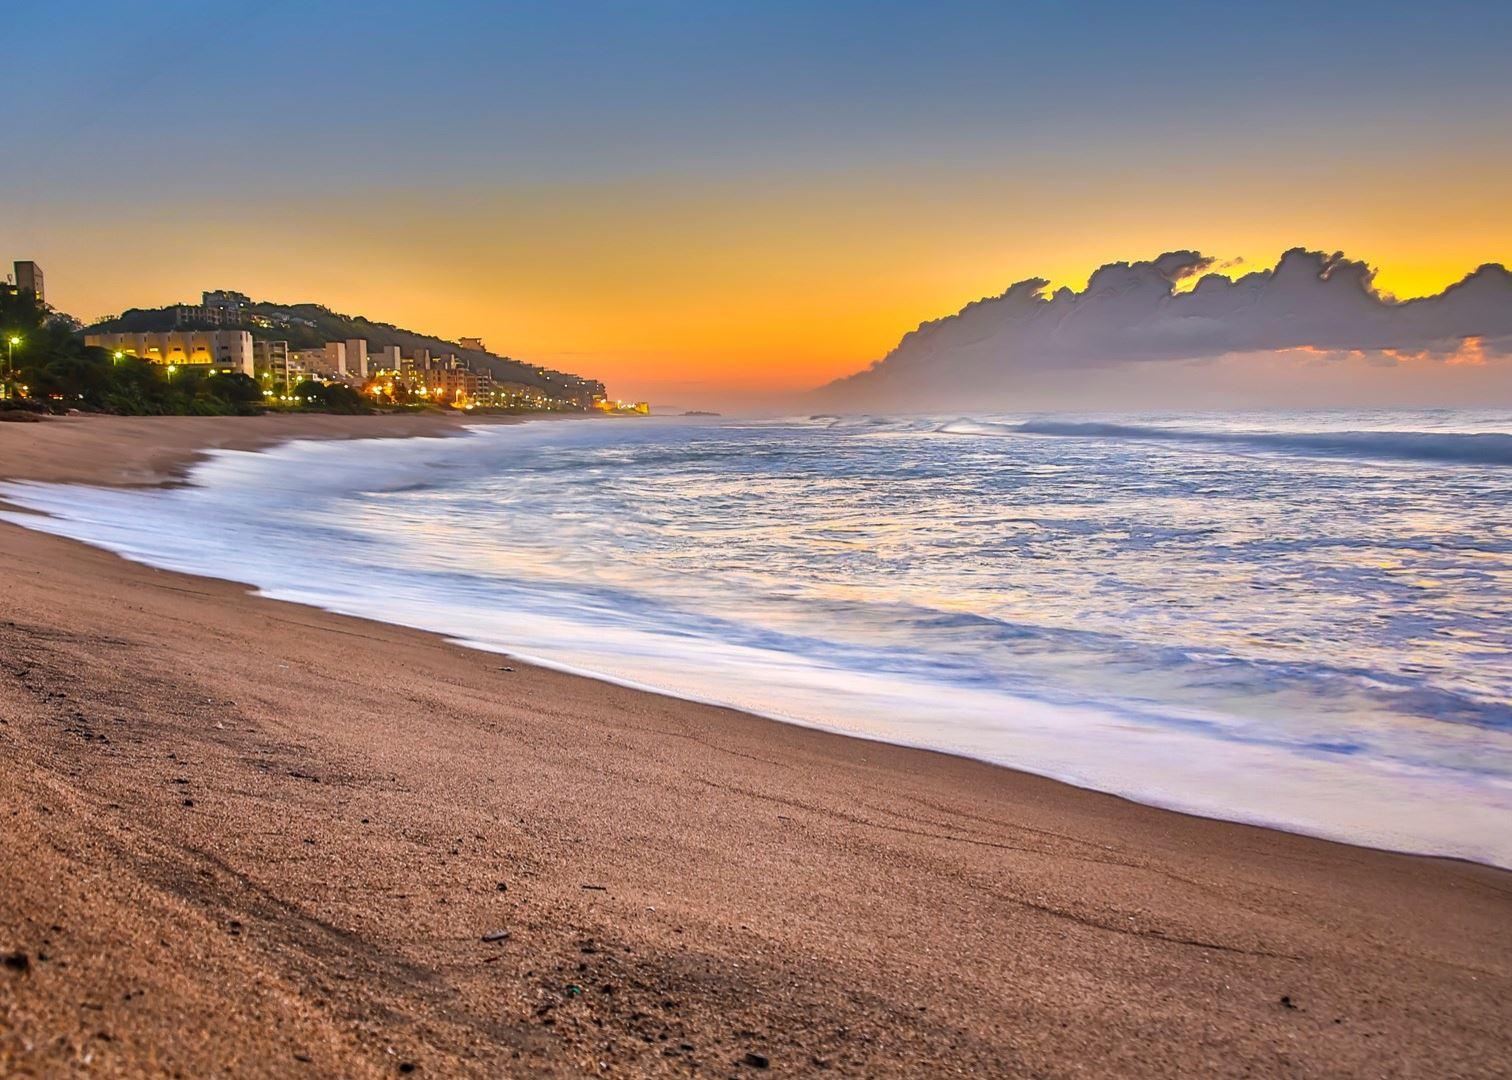 Кейптаун (4н) - пляжи Дурбана (4н);